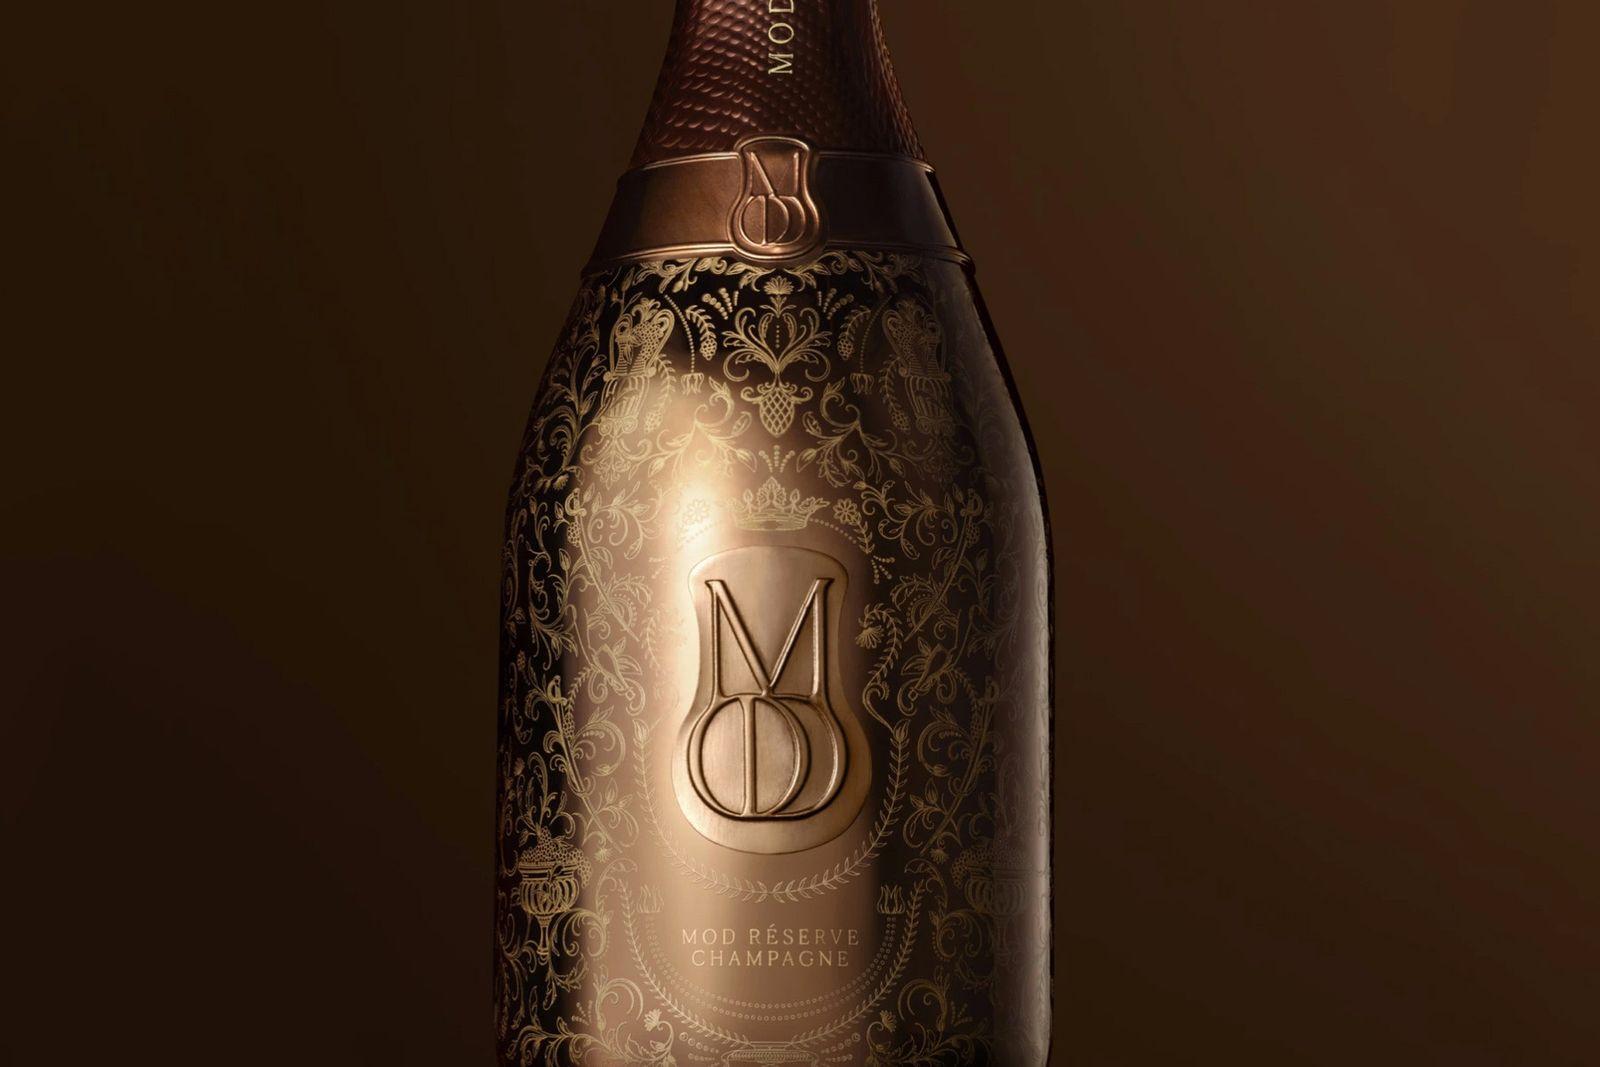 drake mod selection champagne